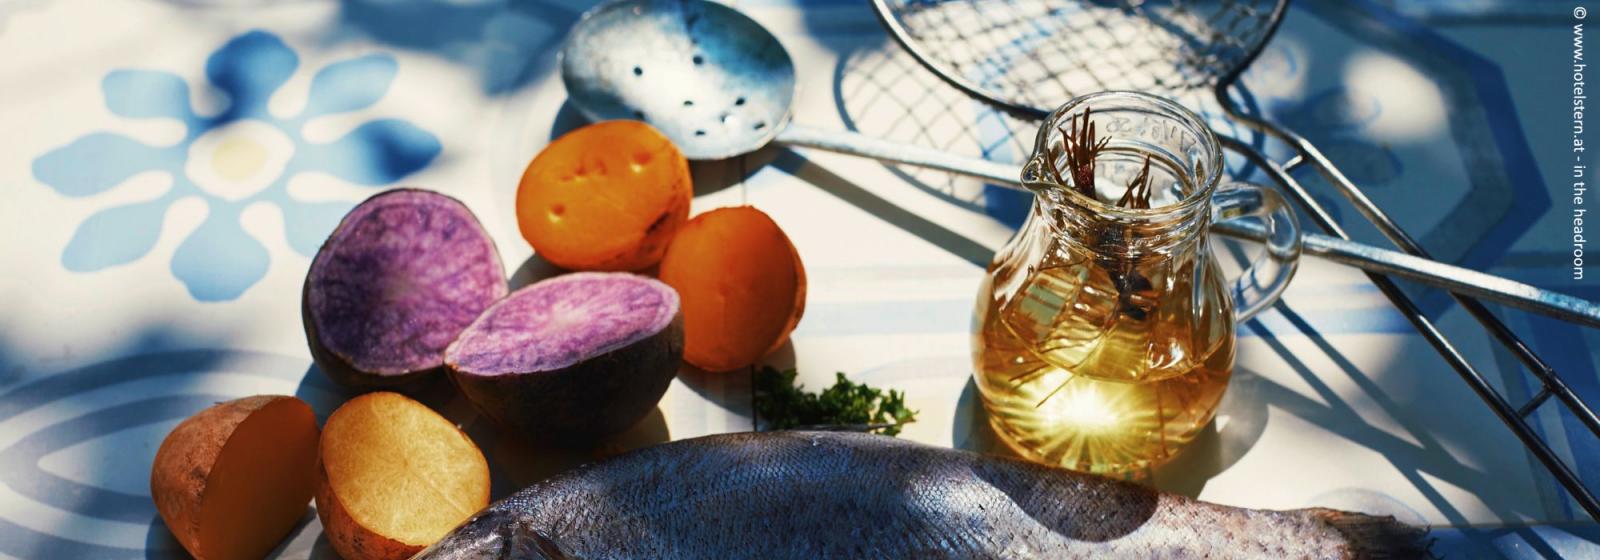 Nachhaltig Essen & Trinken: Das Interview